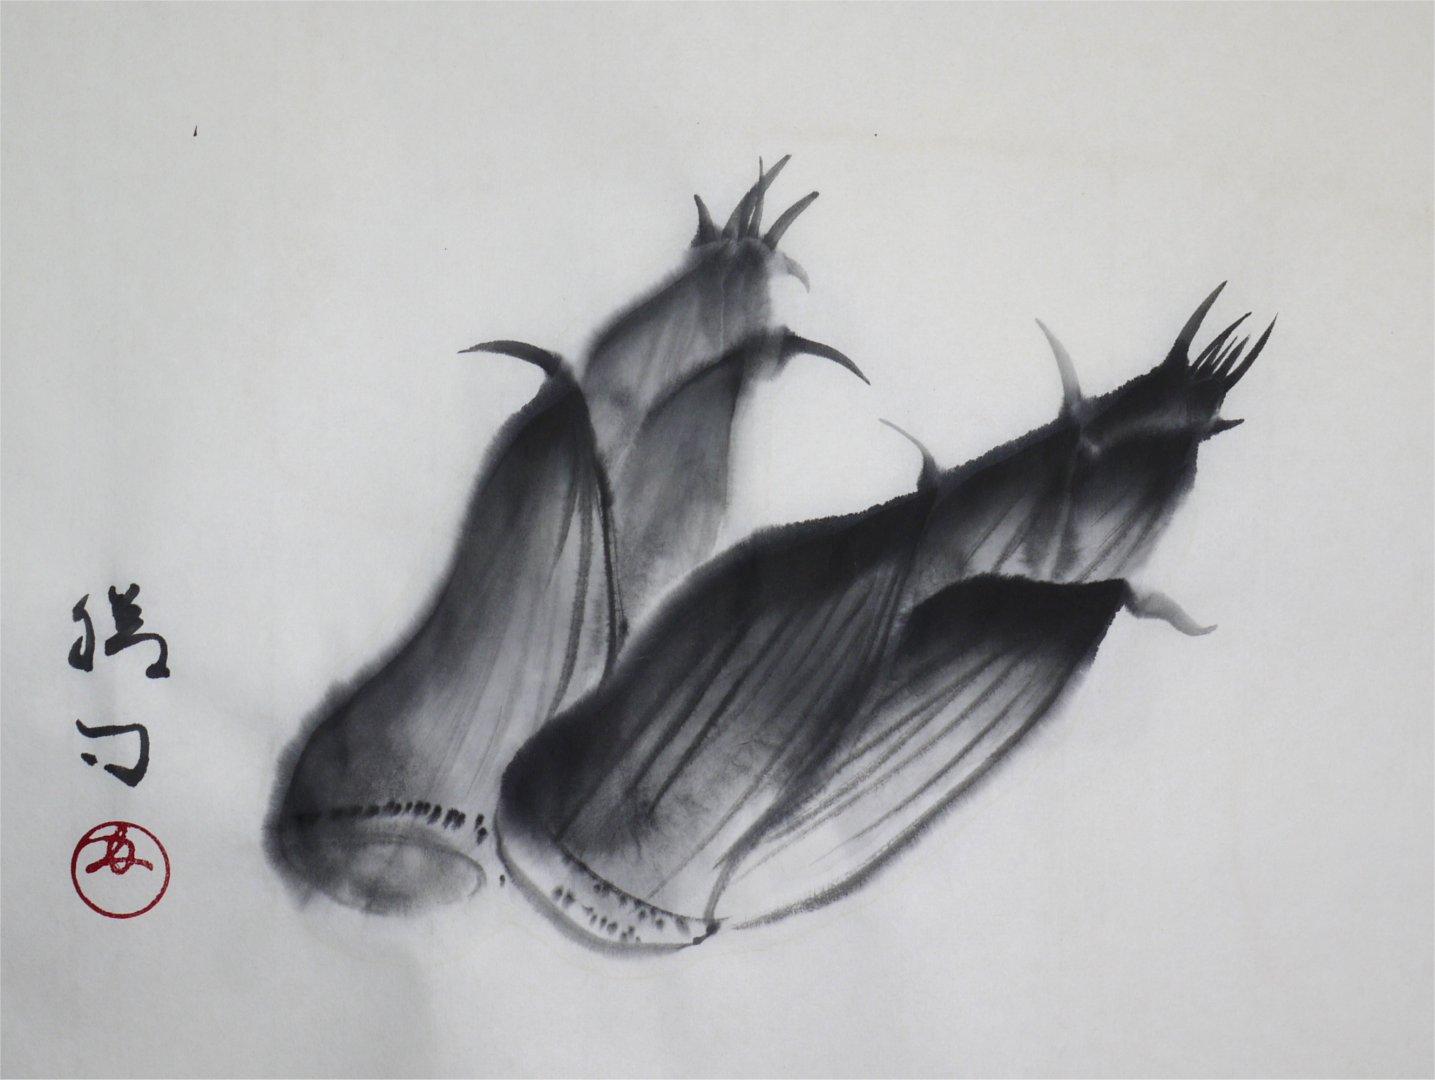 水墨画「筍」福田勝司筆